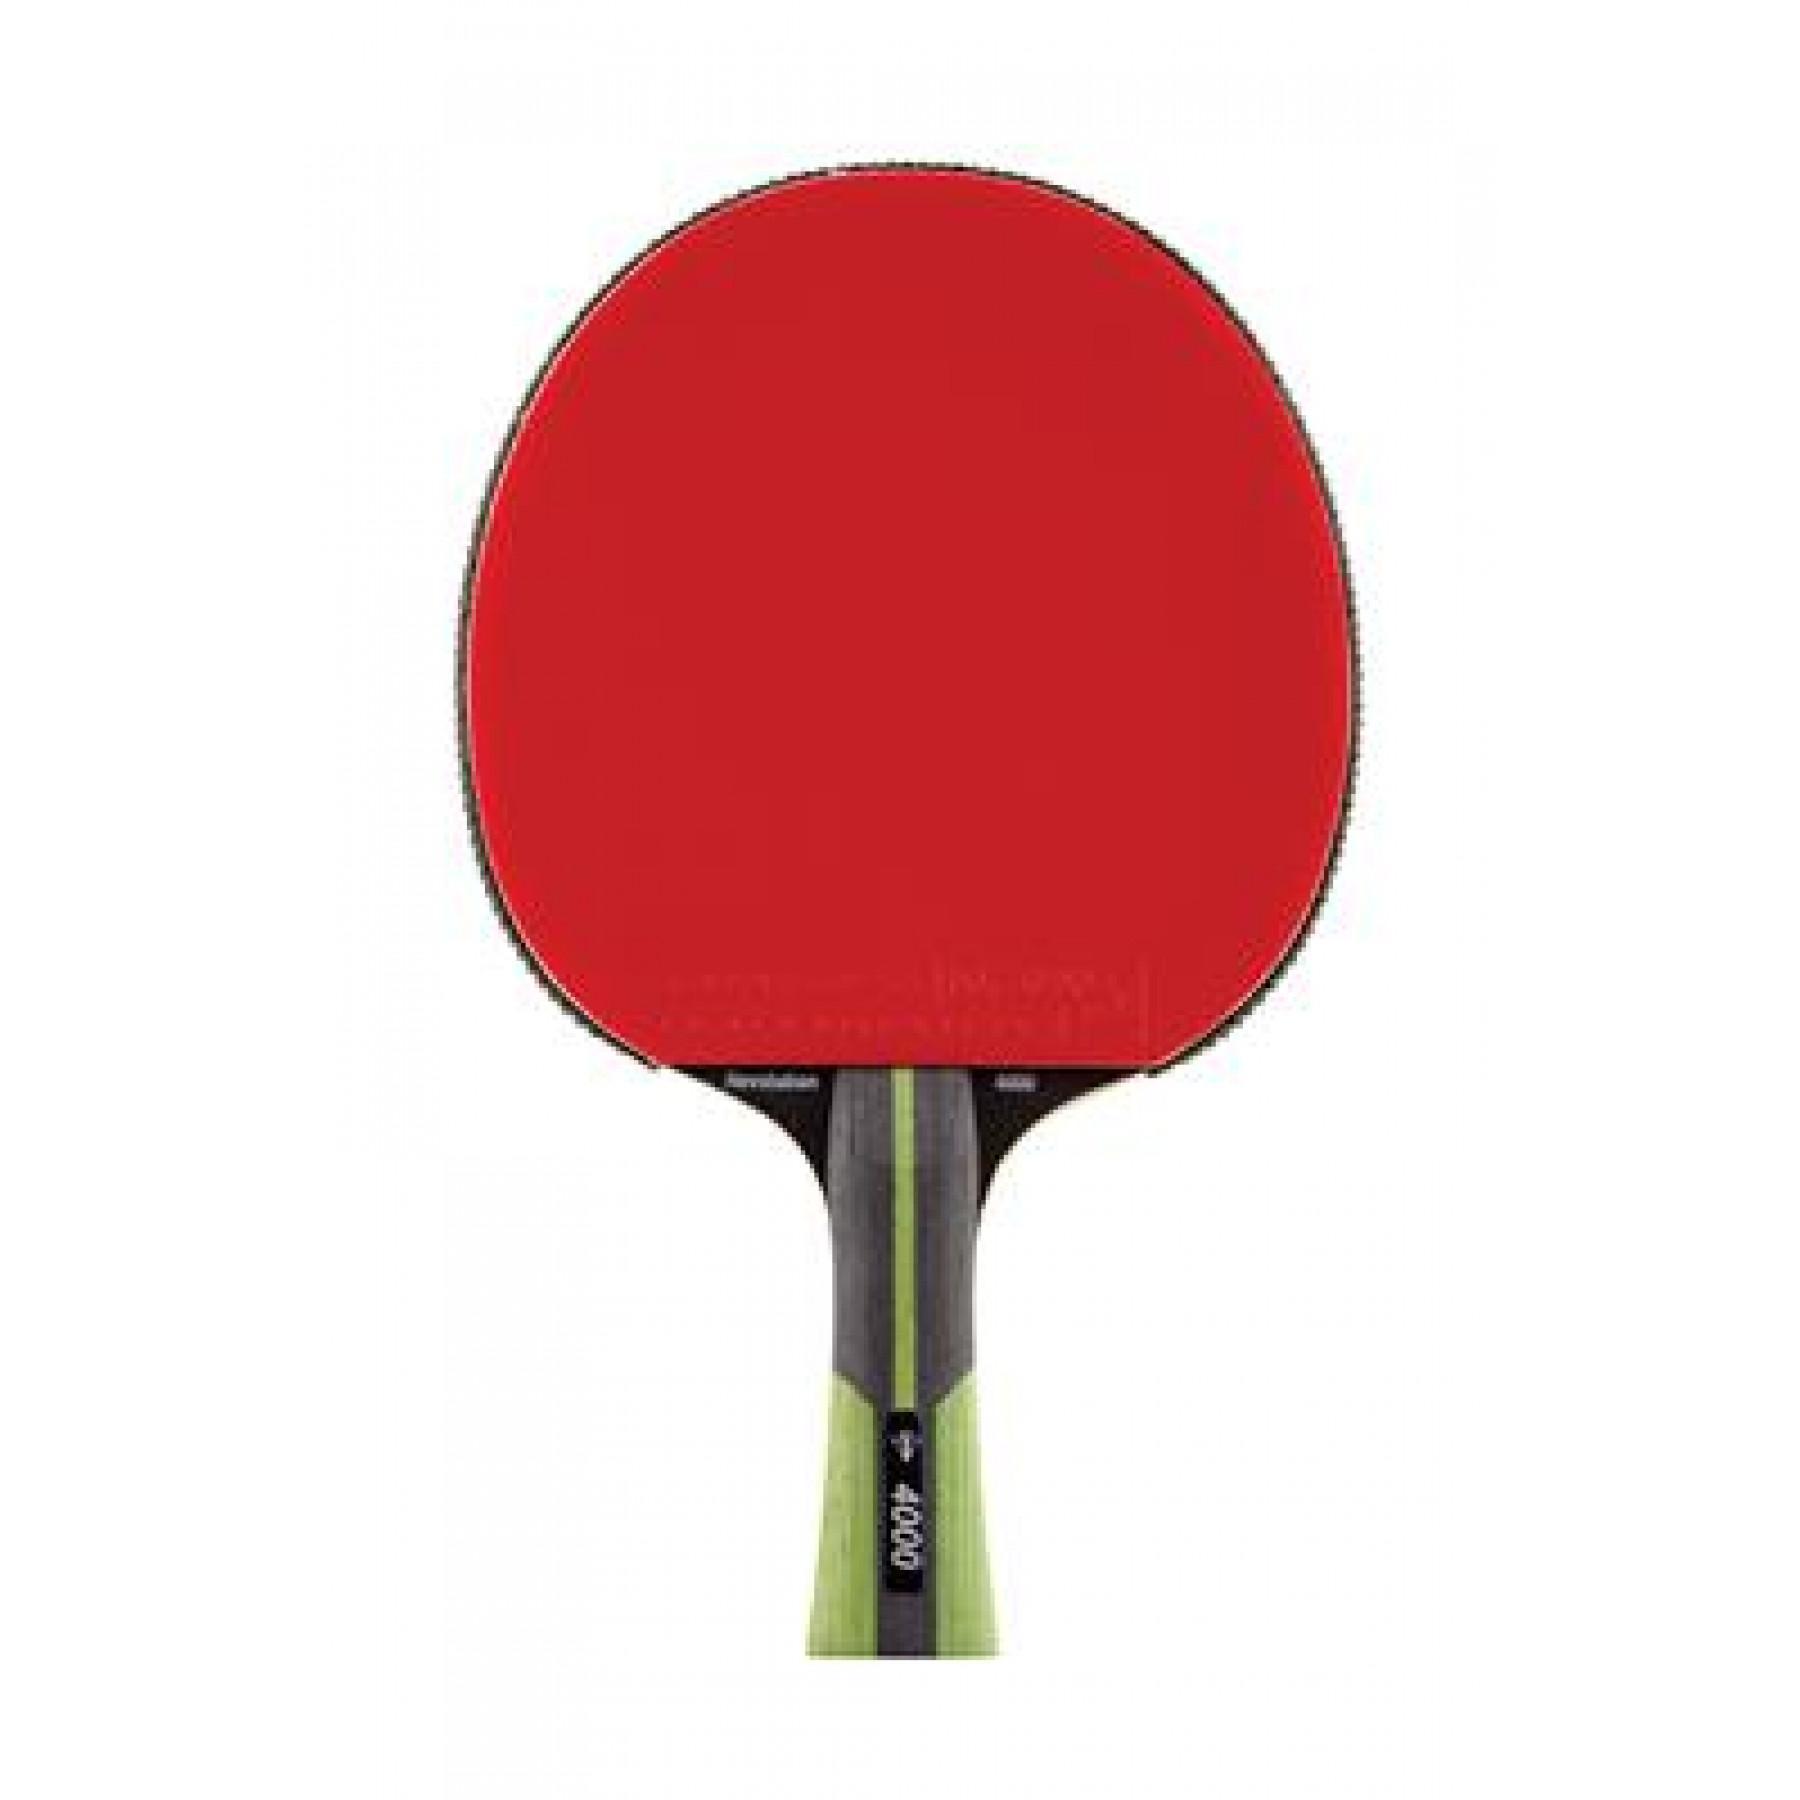 Table tennis racquet Dunlop bt revolution 4000